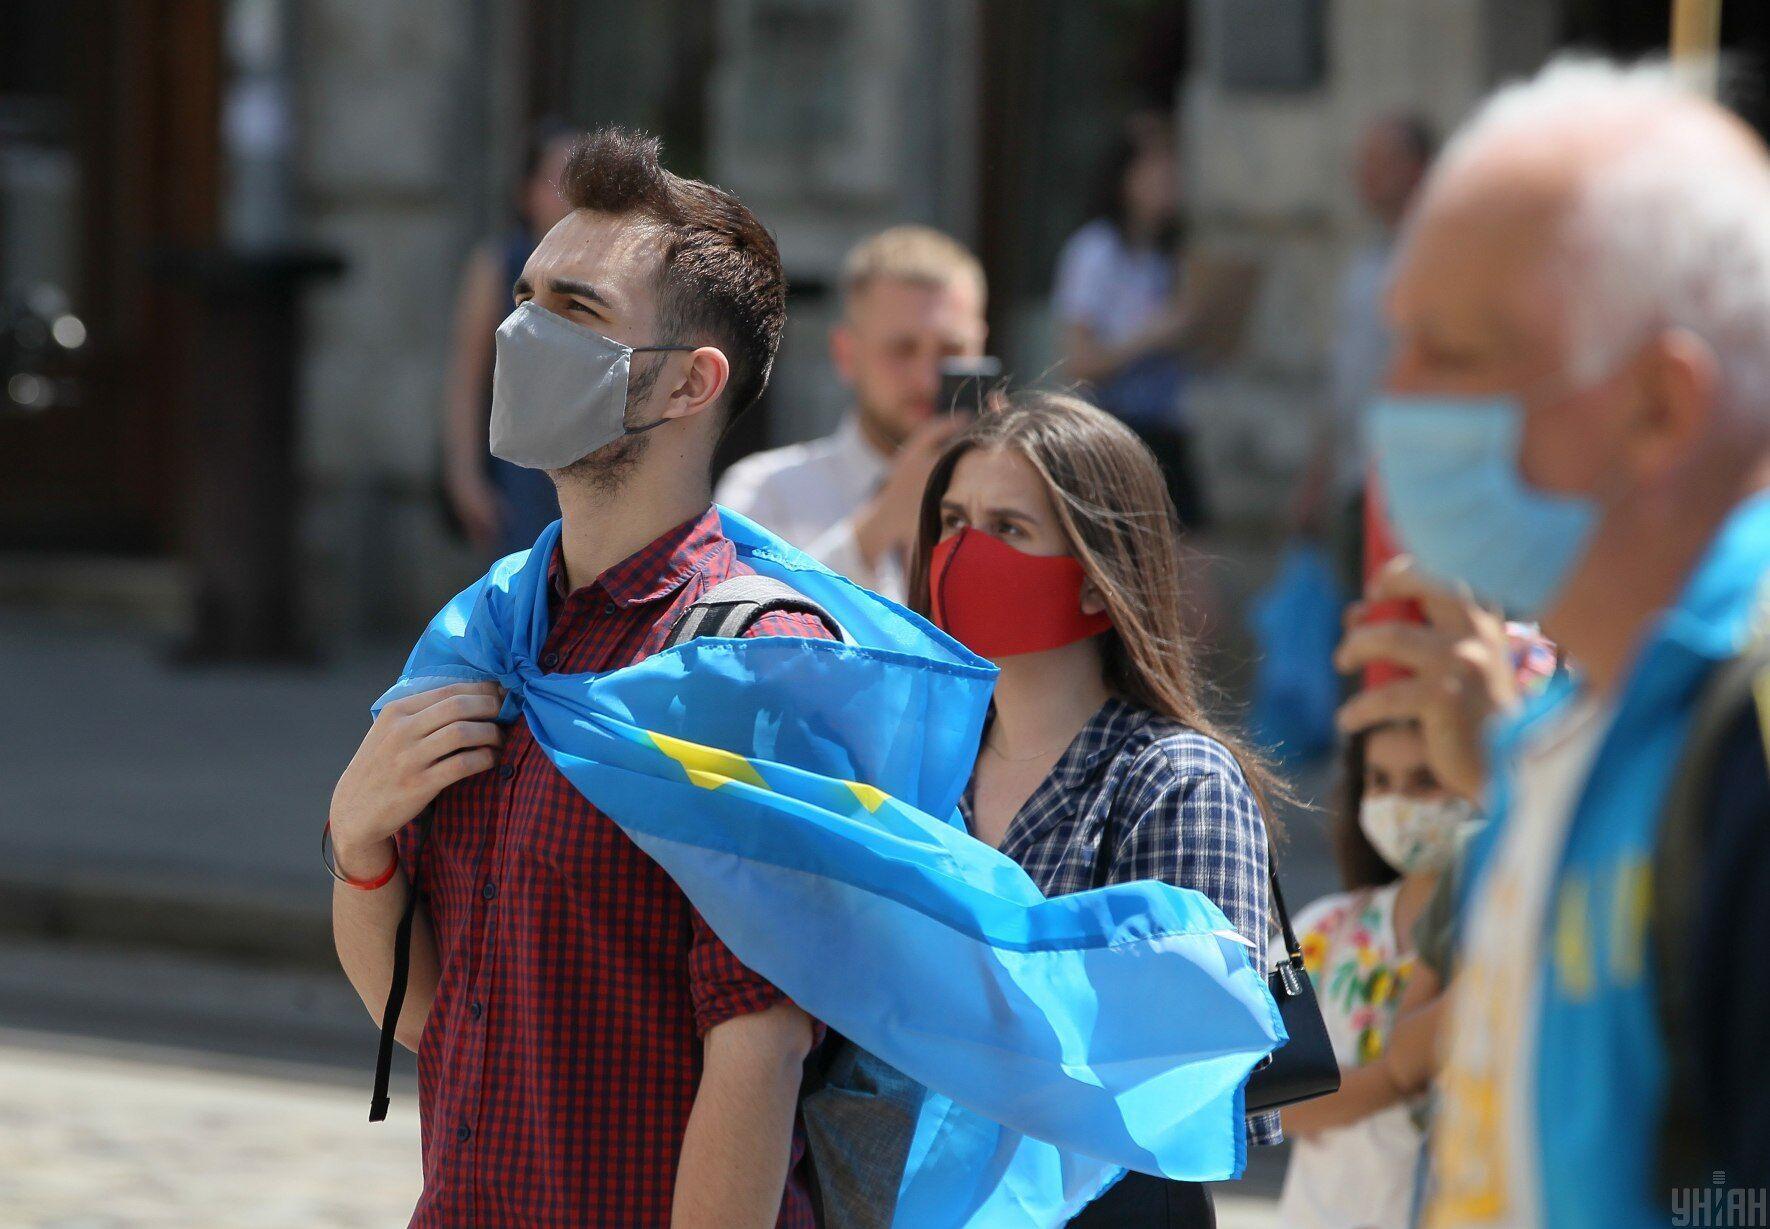 18 мая Украина отмечает День борьбы за права крымскотатарского народа и памяти жертв депортации крымских татар